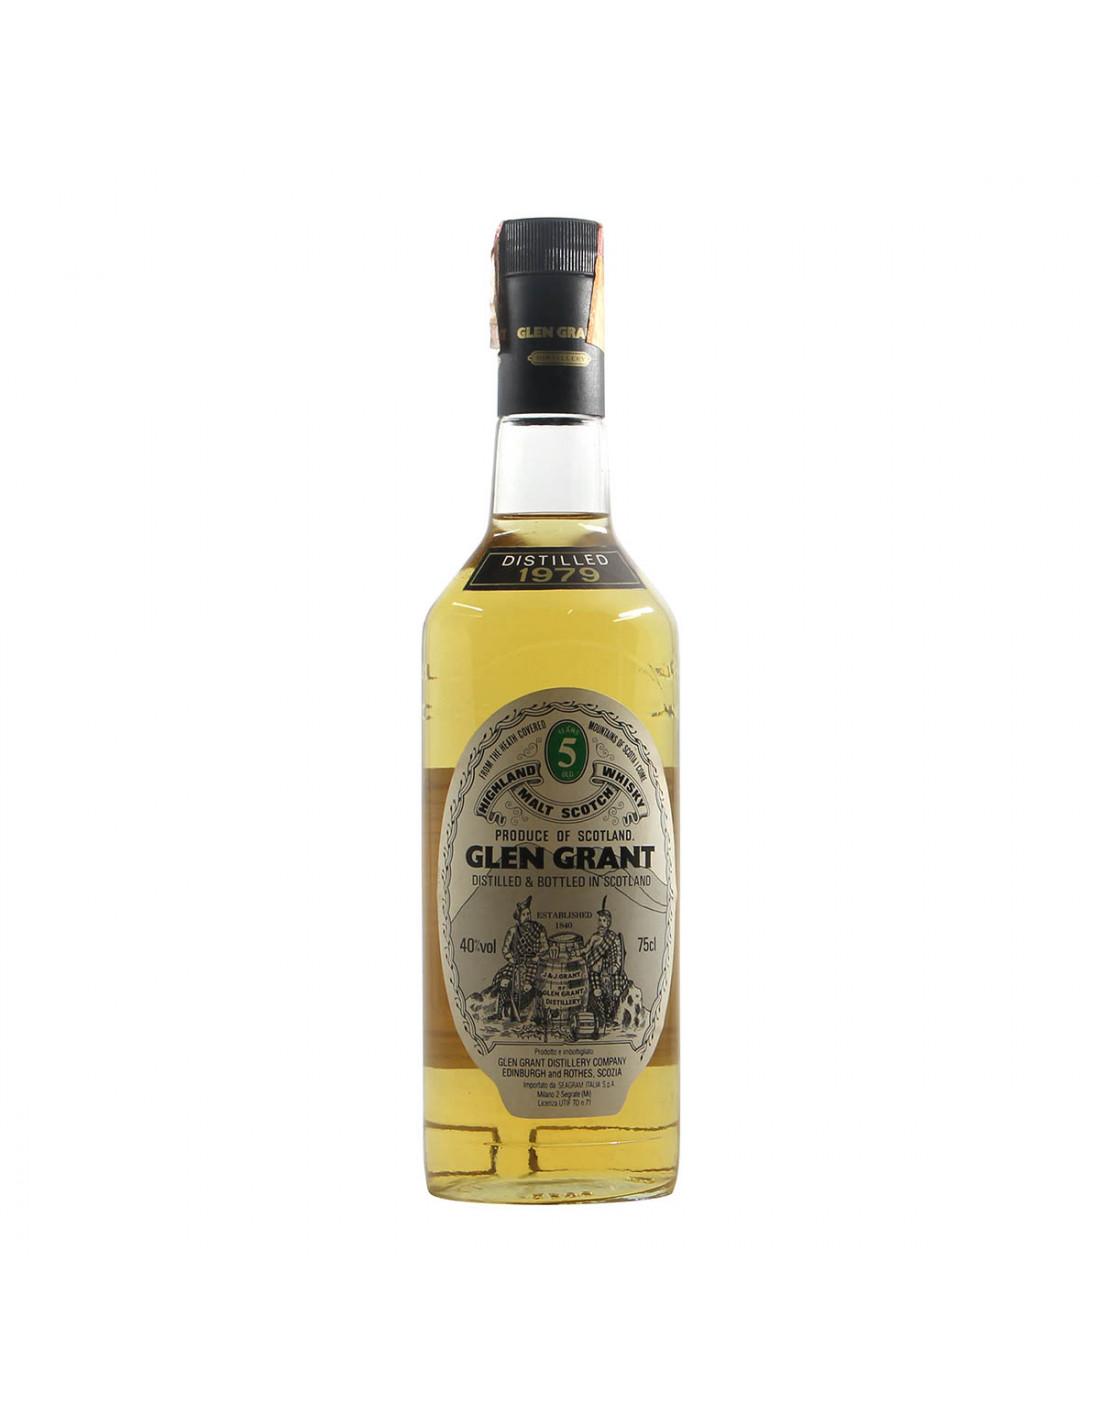 Glen Grant Highland Malt Scotch Whisky Distilled 1979 Grandi Bottiglie